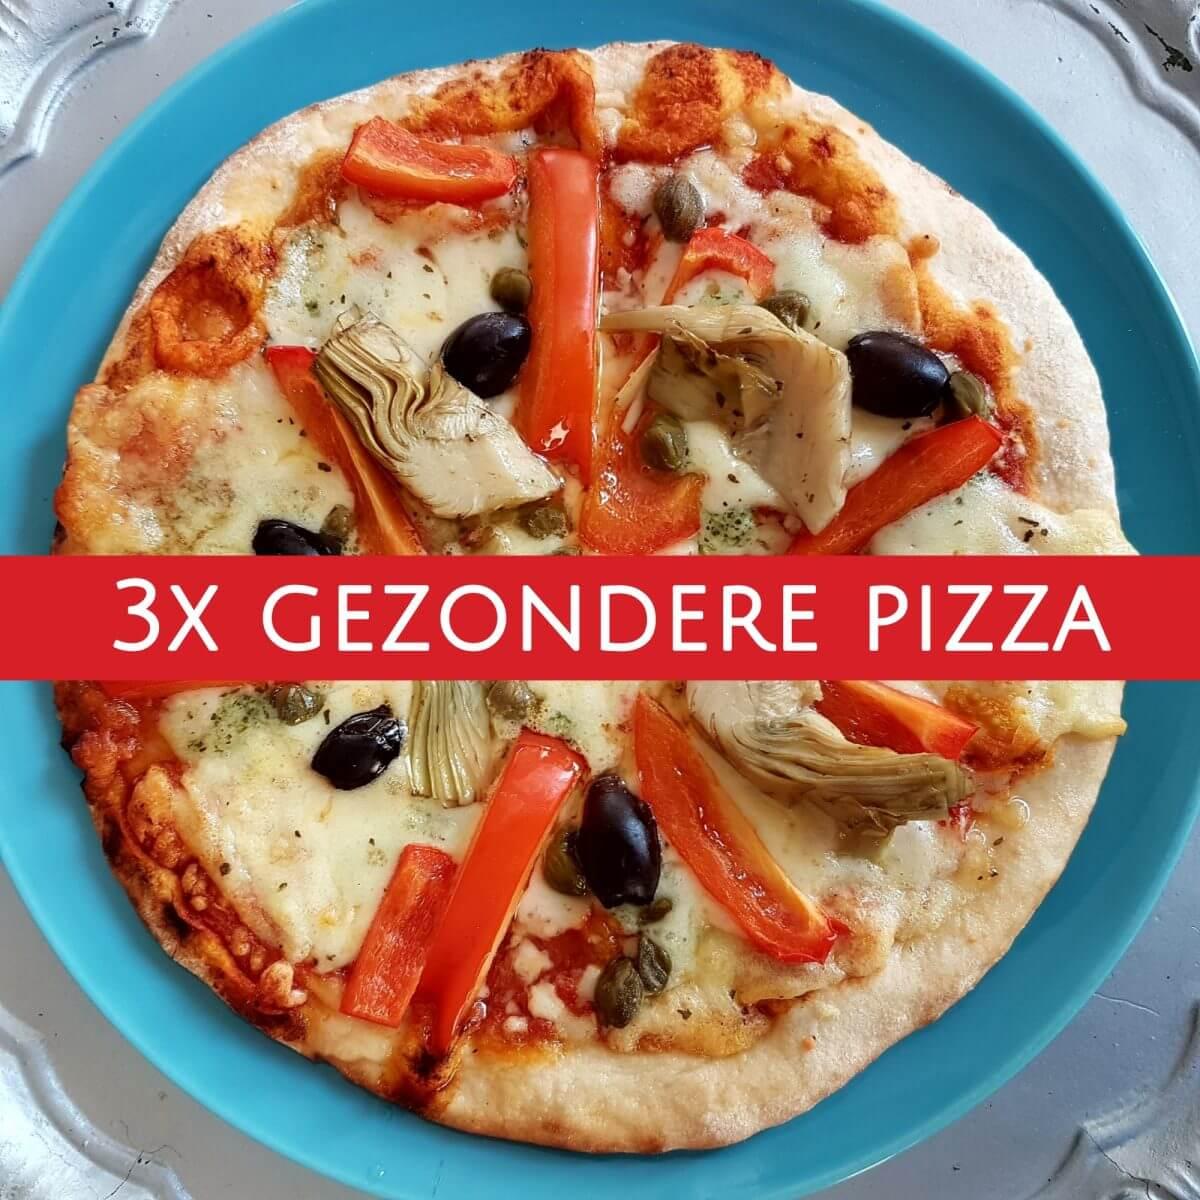 Recepten voor gezondere pizza: drie opties